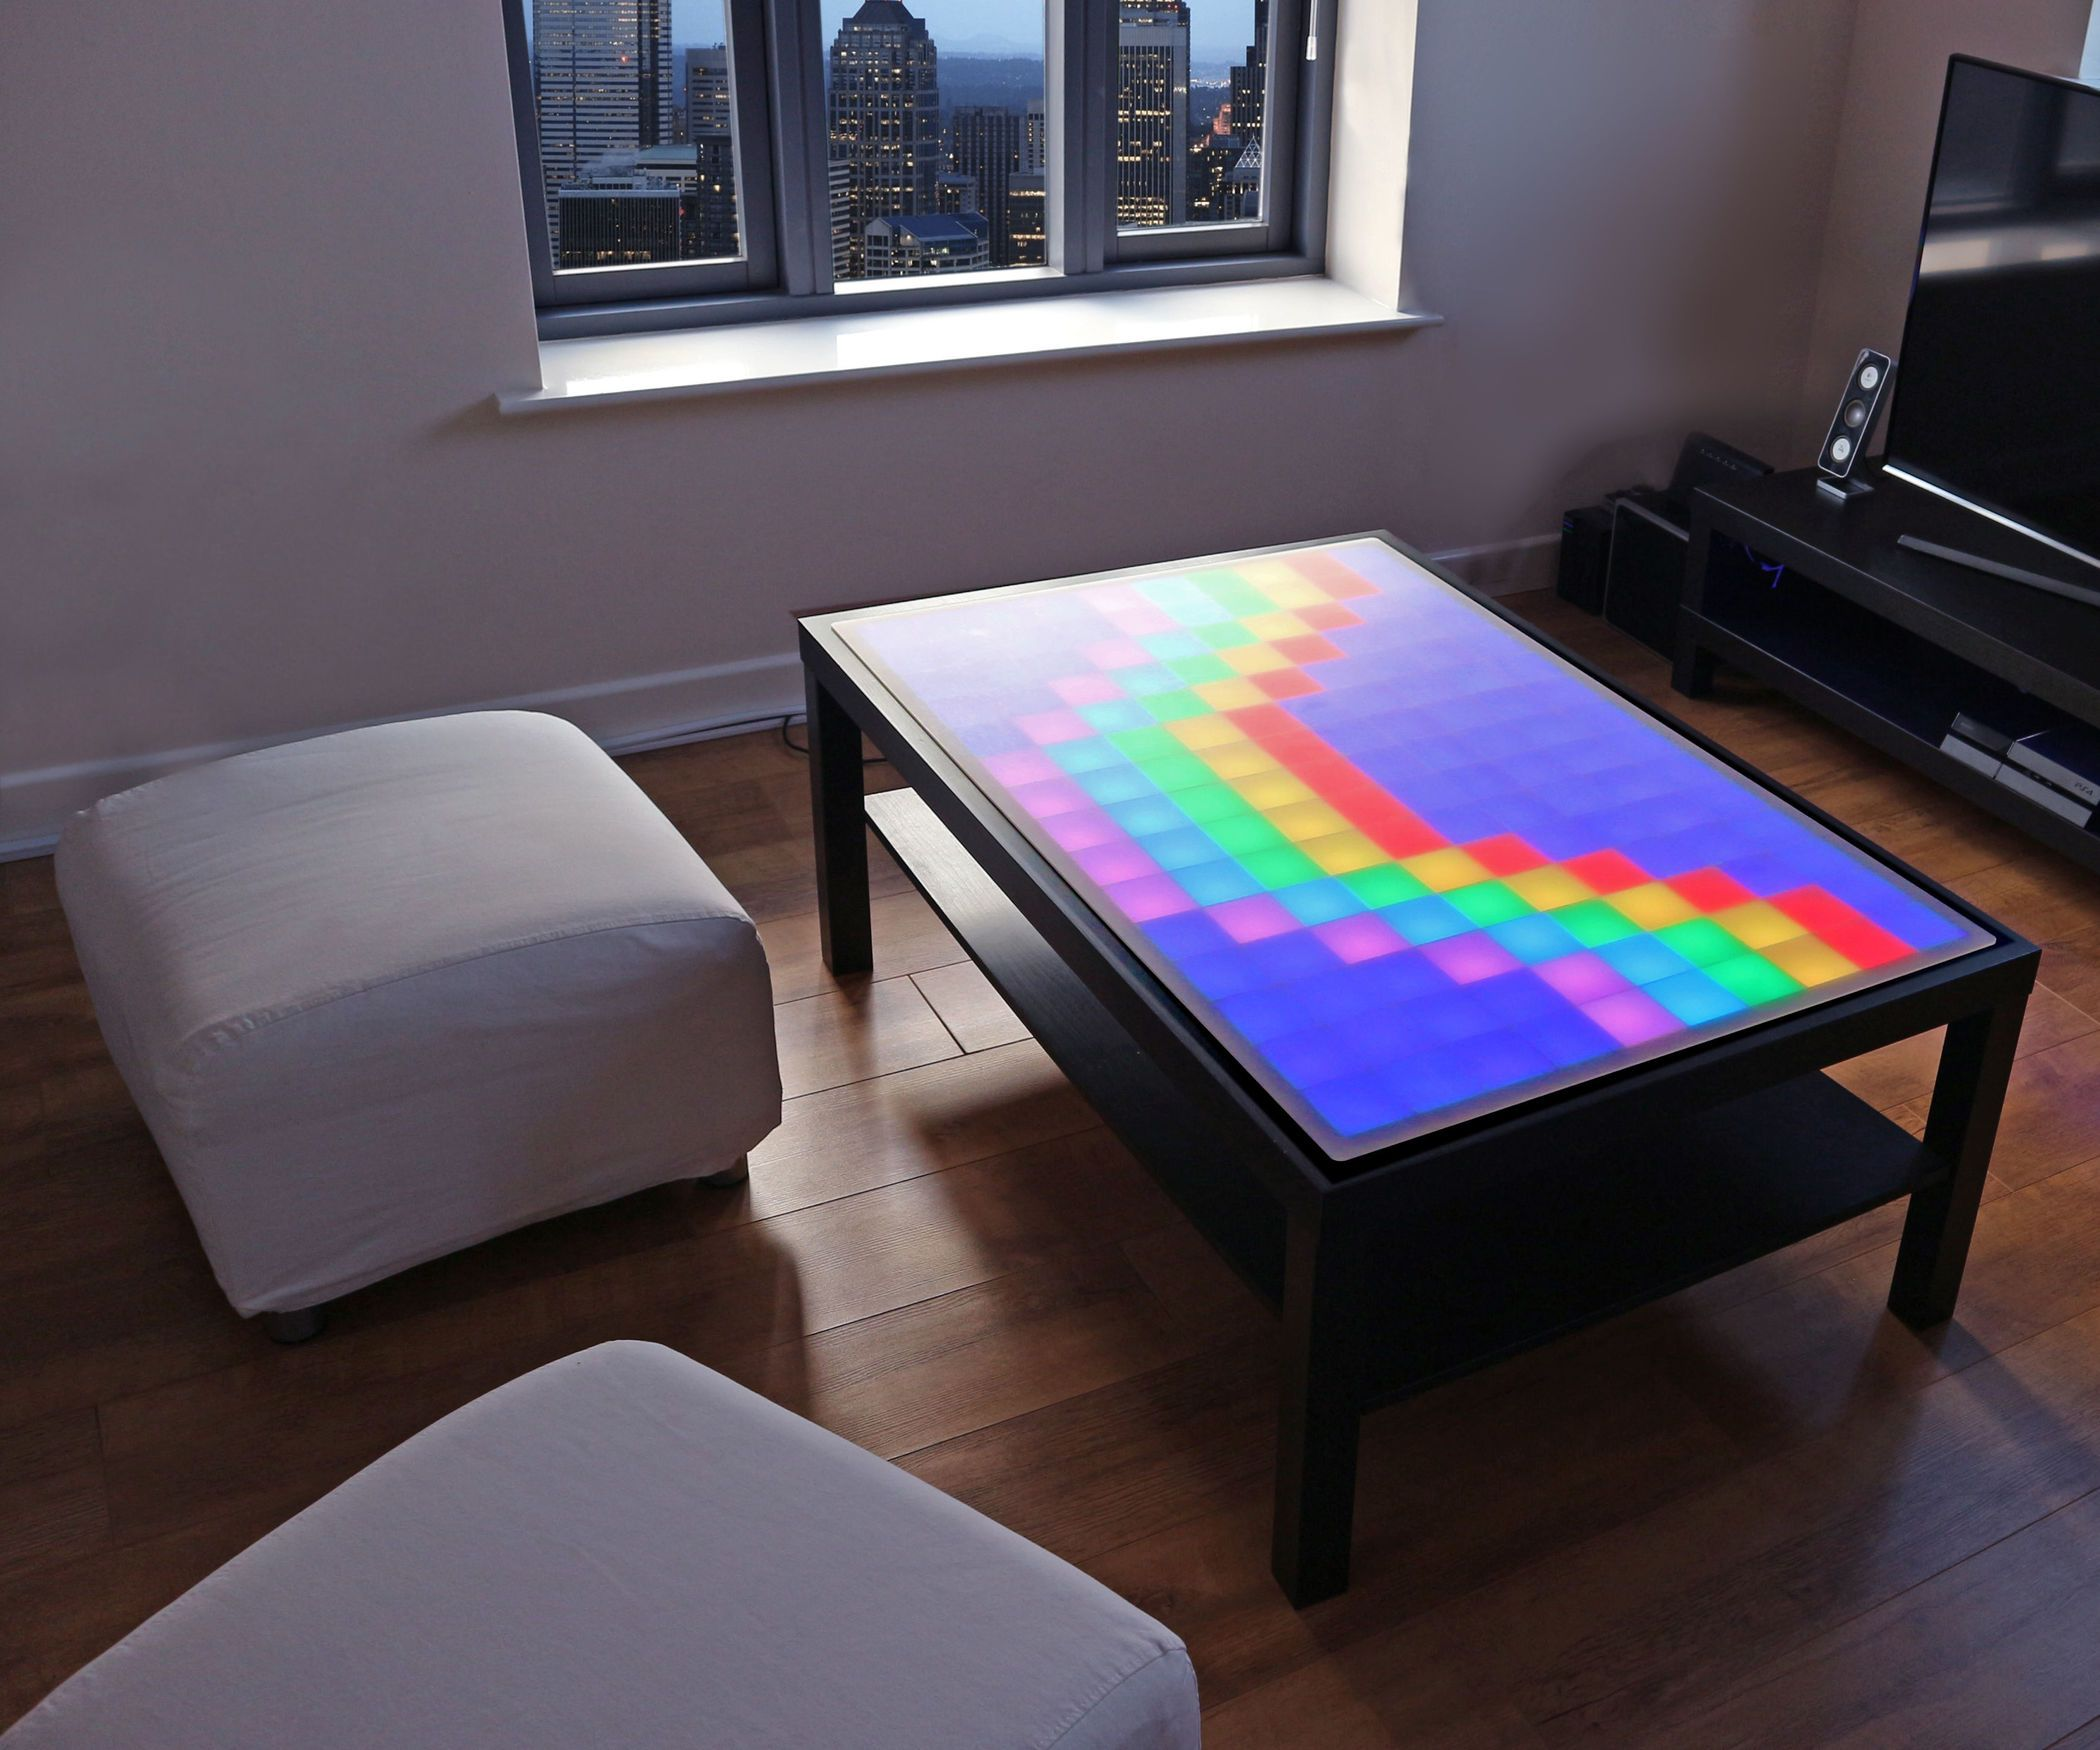 The Diy Led Table Kit Led Diy Table Diy [ 1750 x 2100 Pixel ]